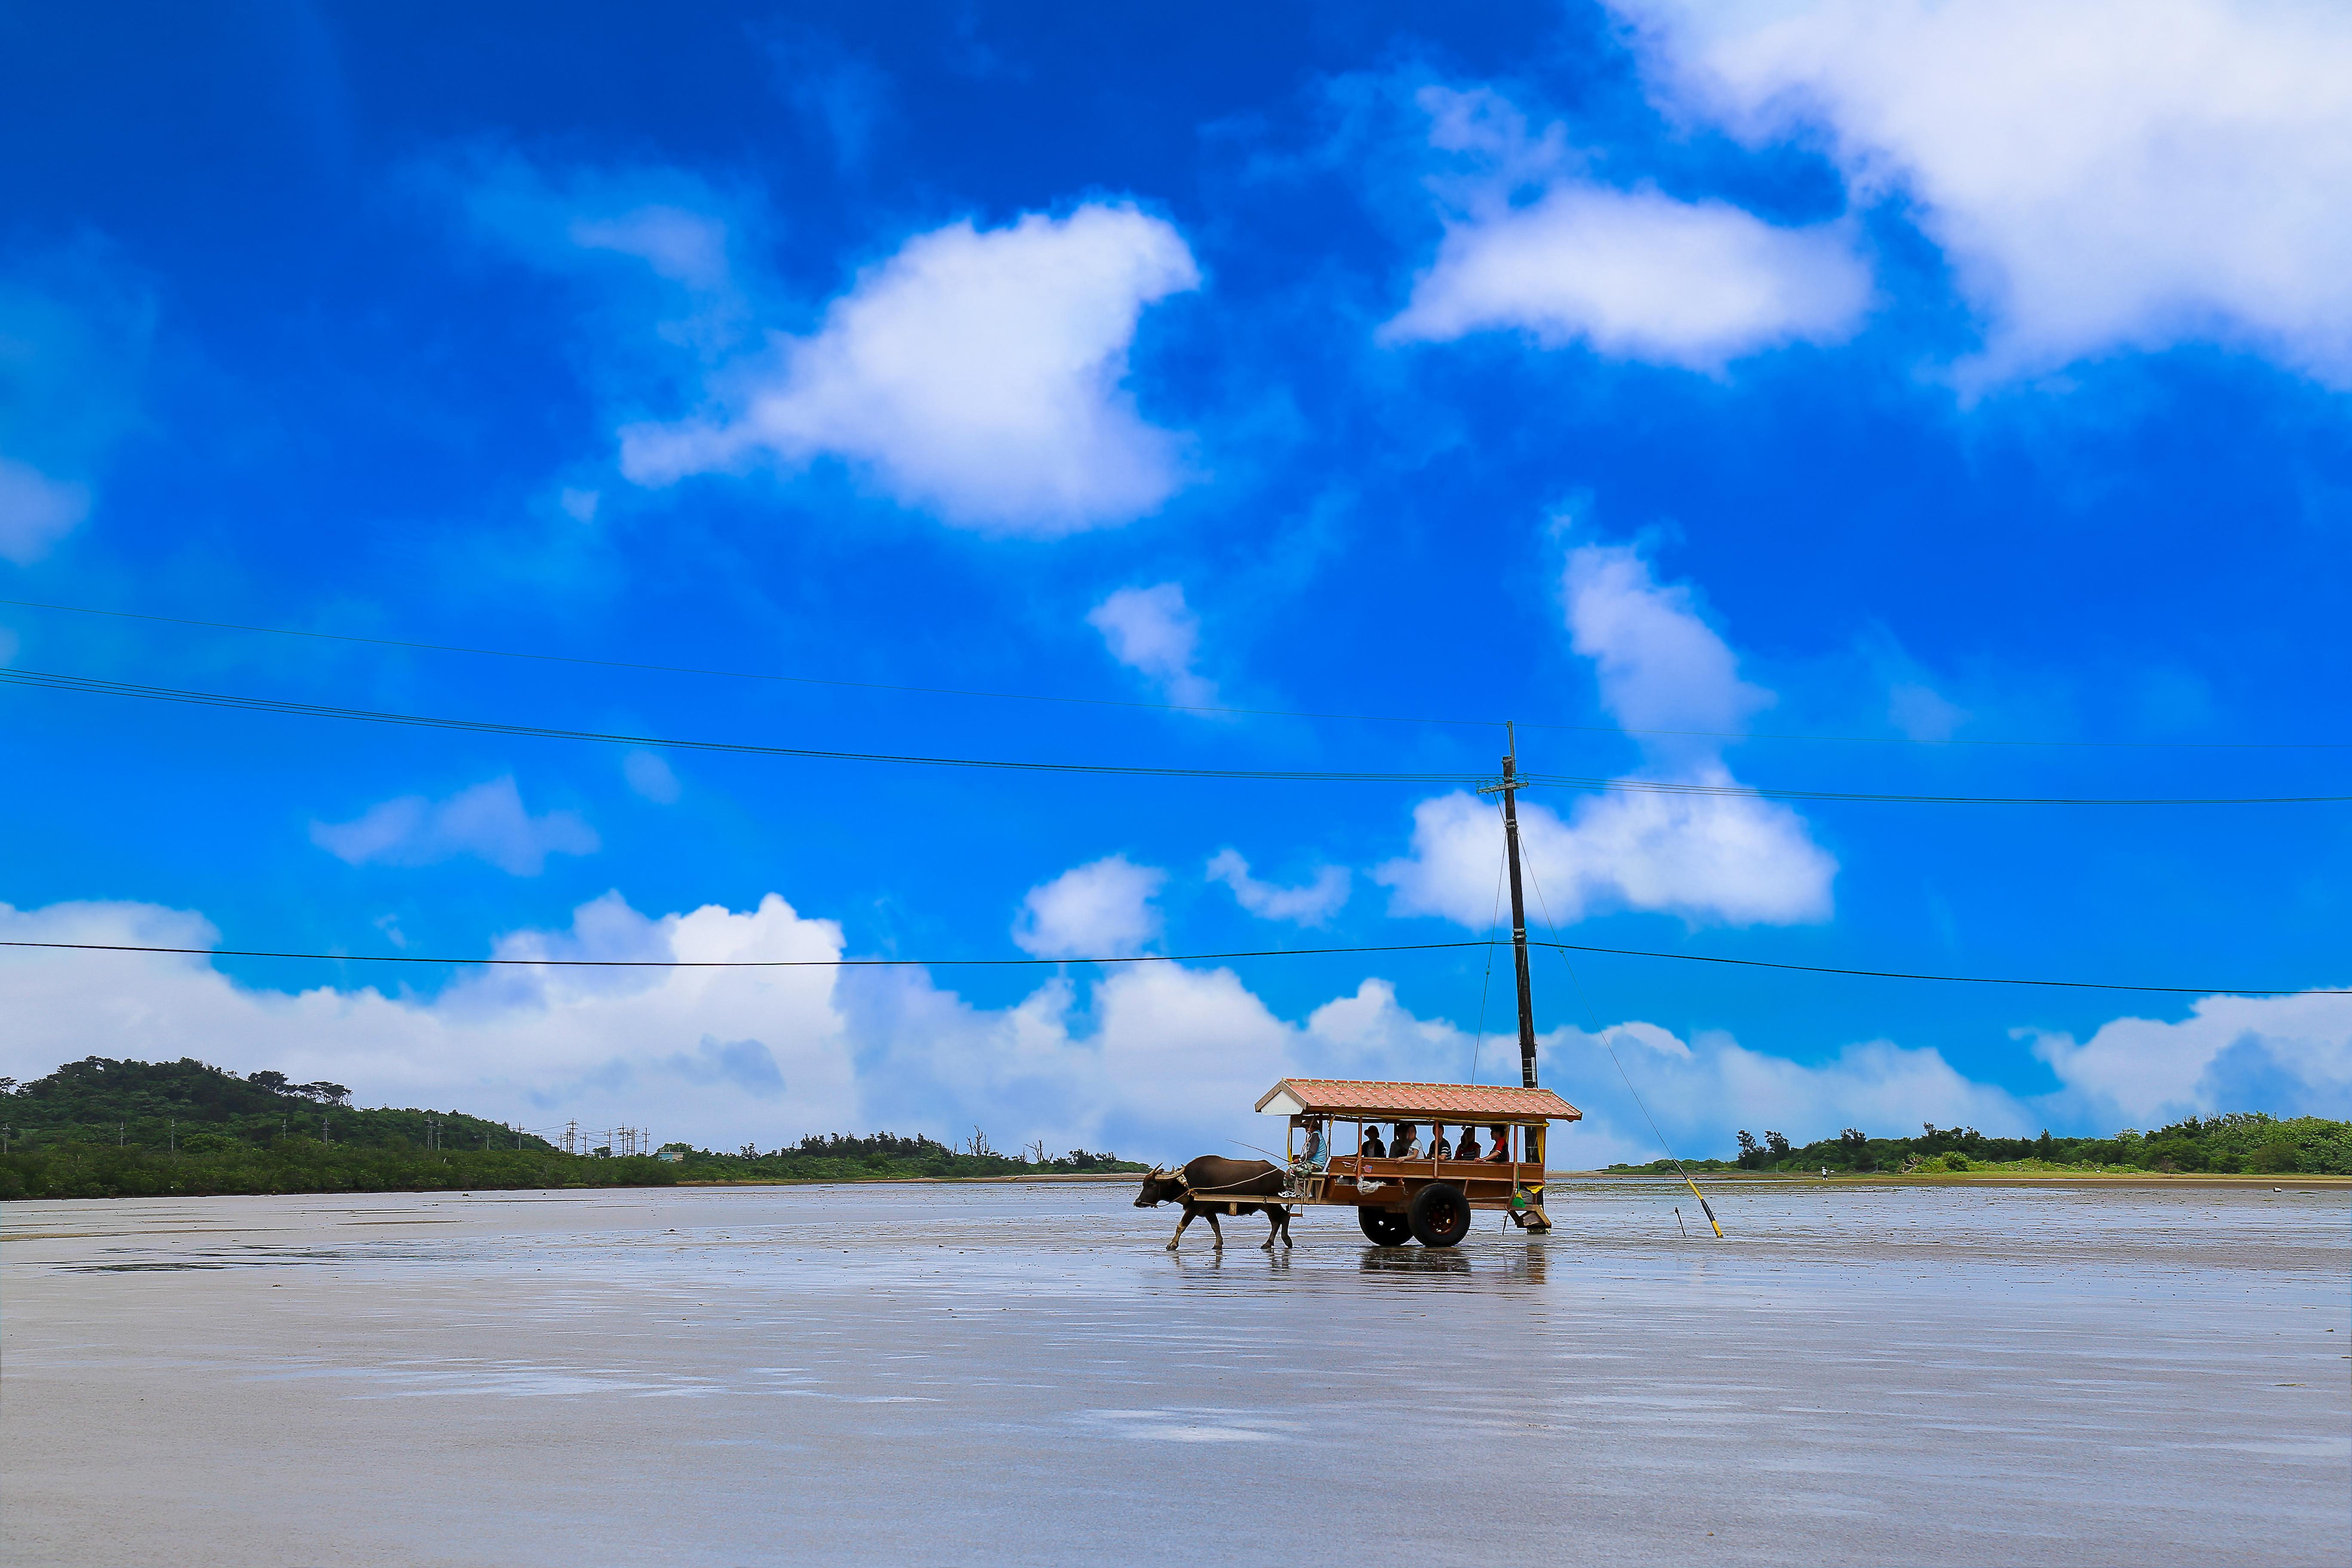 #蜜月旅行 #沖繩 #觀光景點參觀